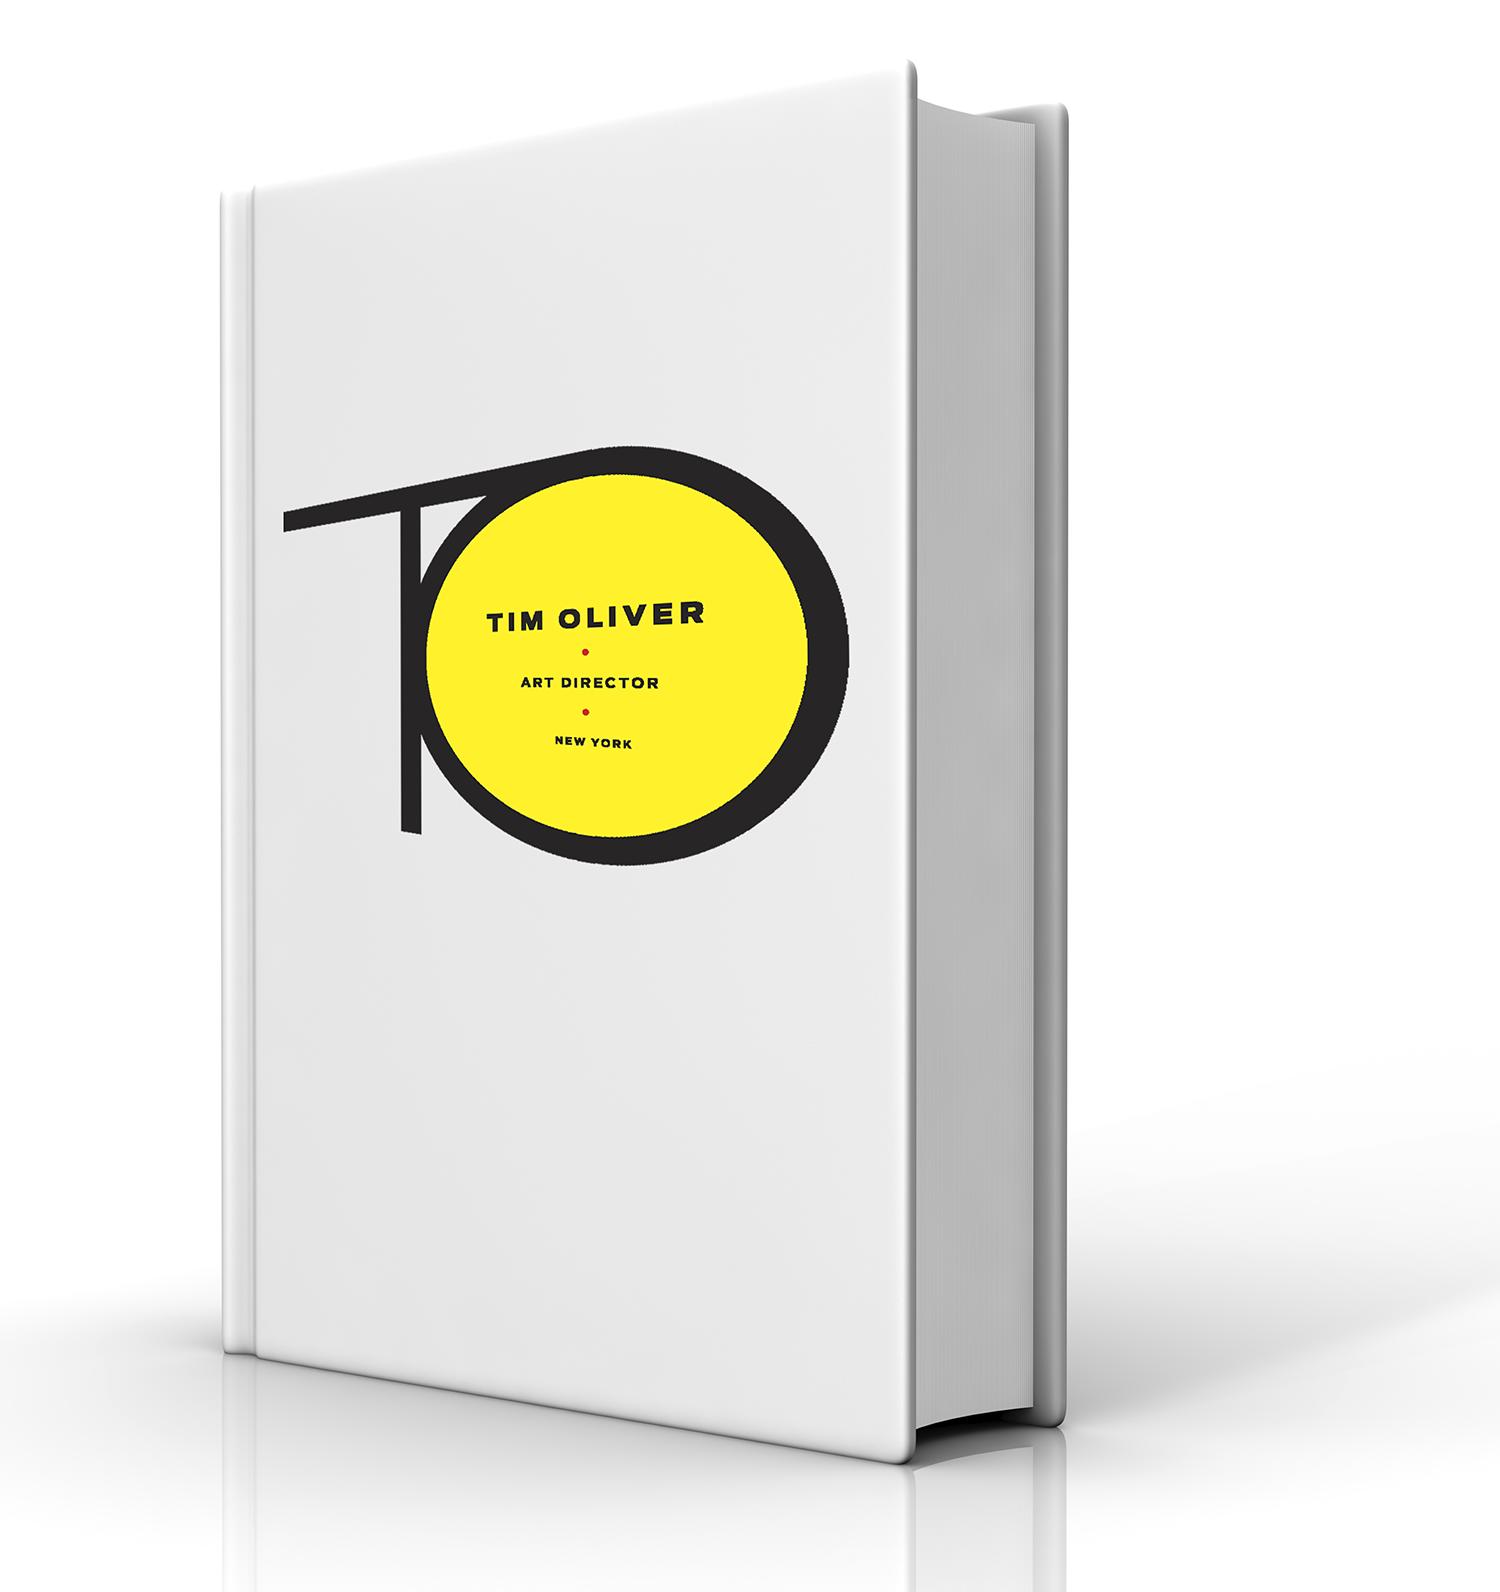 BOOKS:Conde Nast, Harper Collins, Simon & Schuster, The New York Times